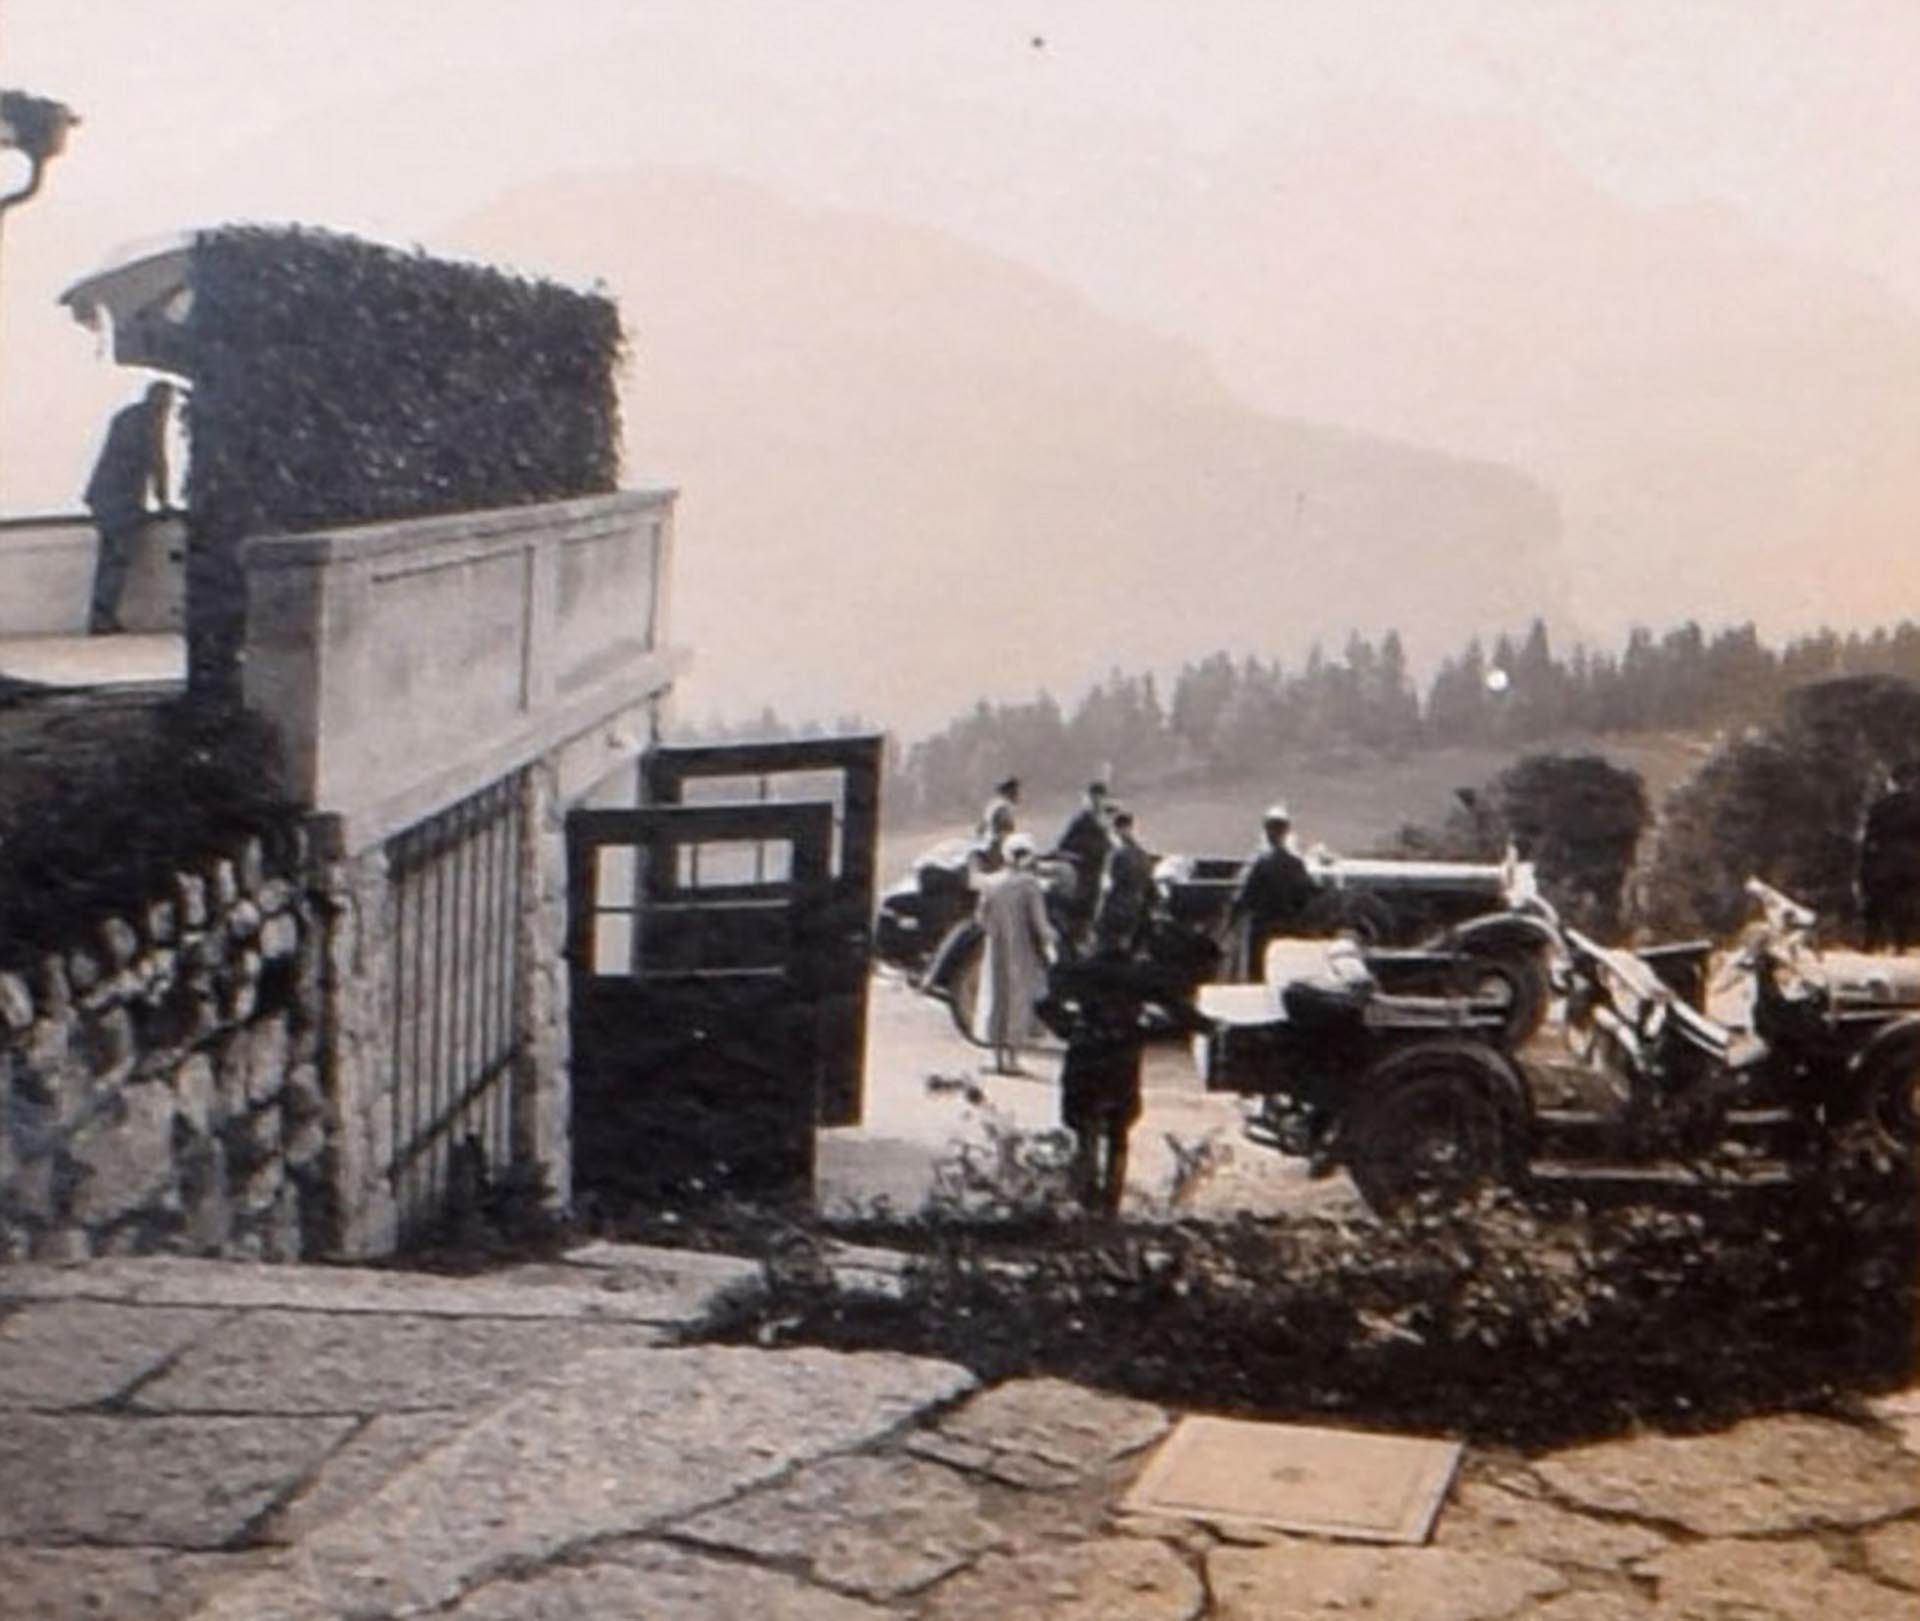 La base Berghof, donde Hitler solía pasar temporadas para analizar el desarrollo de la guerra